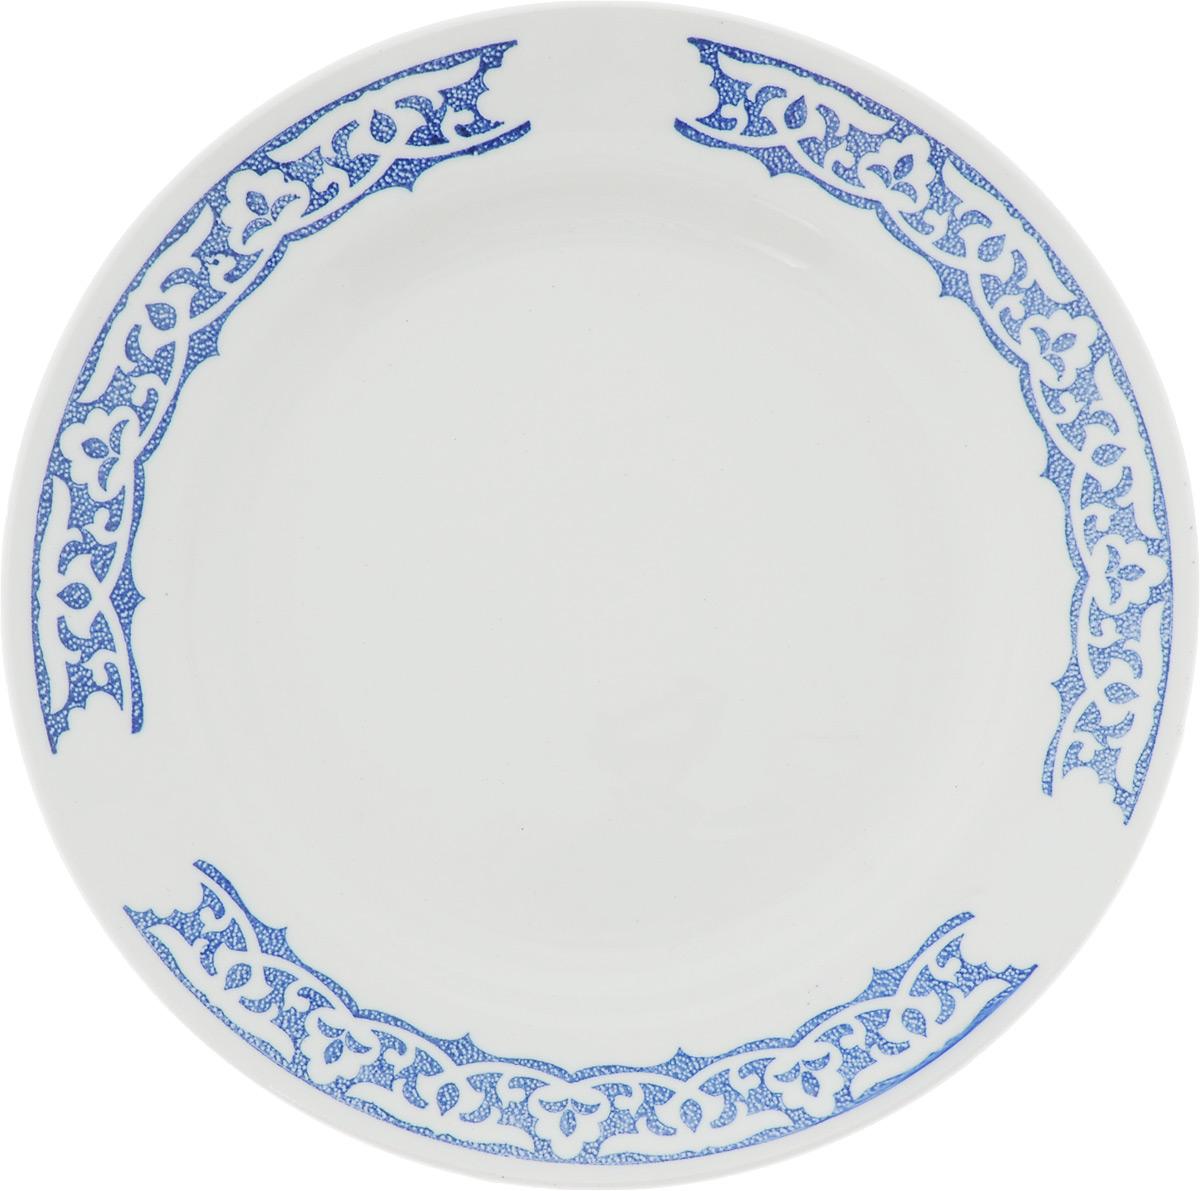 Тарелка Кубаньфарфор Восточный, диаметр 20 см056_ВосточныйКруглая тарелка Кубаньфарфор Восточный, изготовленная из фаянса, декорирована по внутреннему краю оригинальным орнаментом. Такая тарелка украсит сервировку вашего стола и подчеркнет прекрасный вкус хозяина, а также станет отличным подарком.